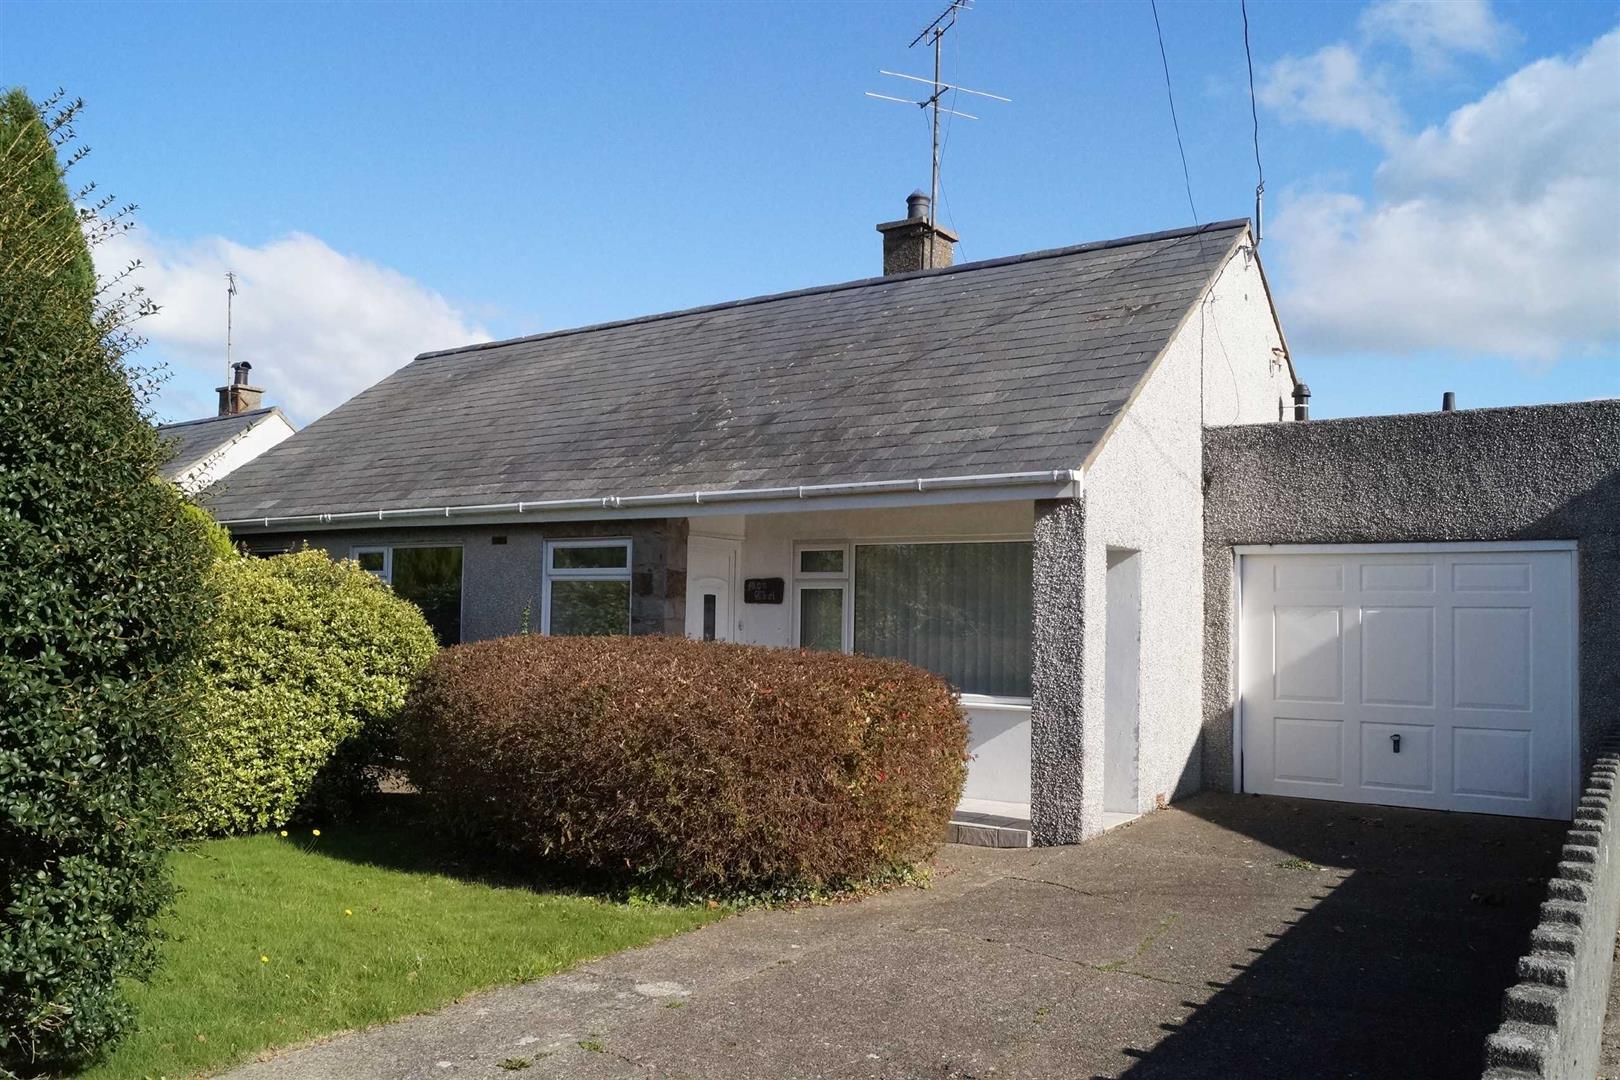 Lon Yr Eglwys, Morfa Nefyn - £215,000/Reduced to